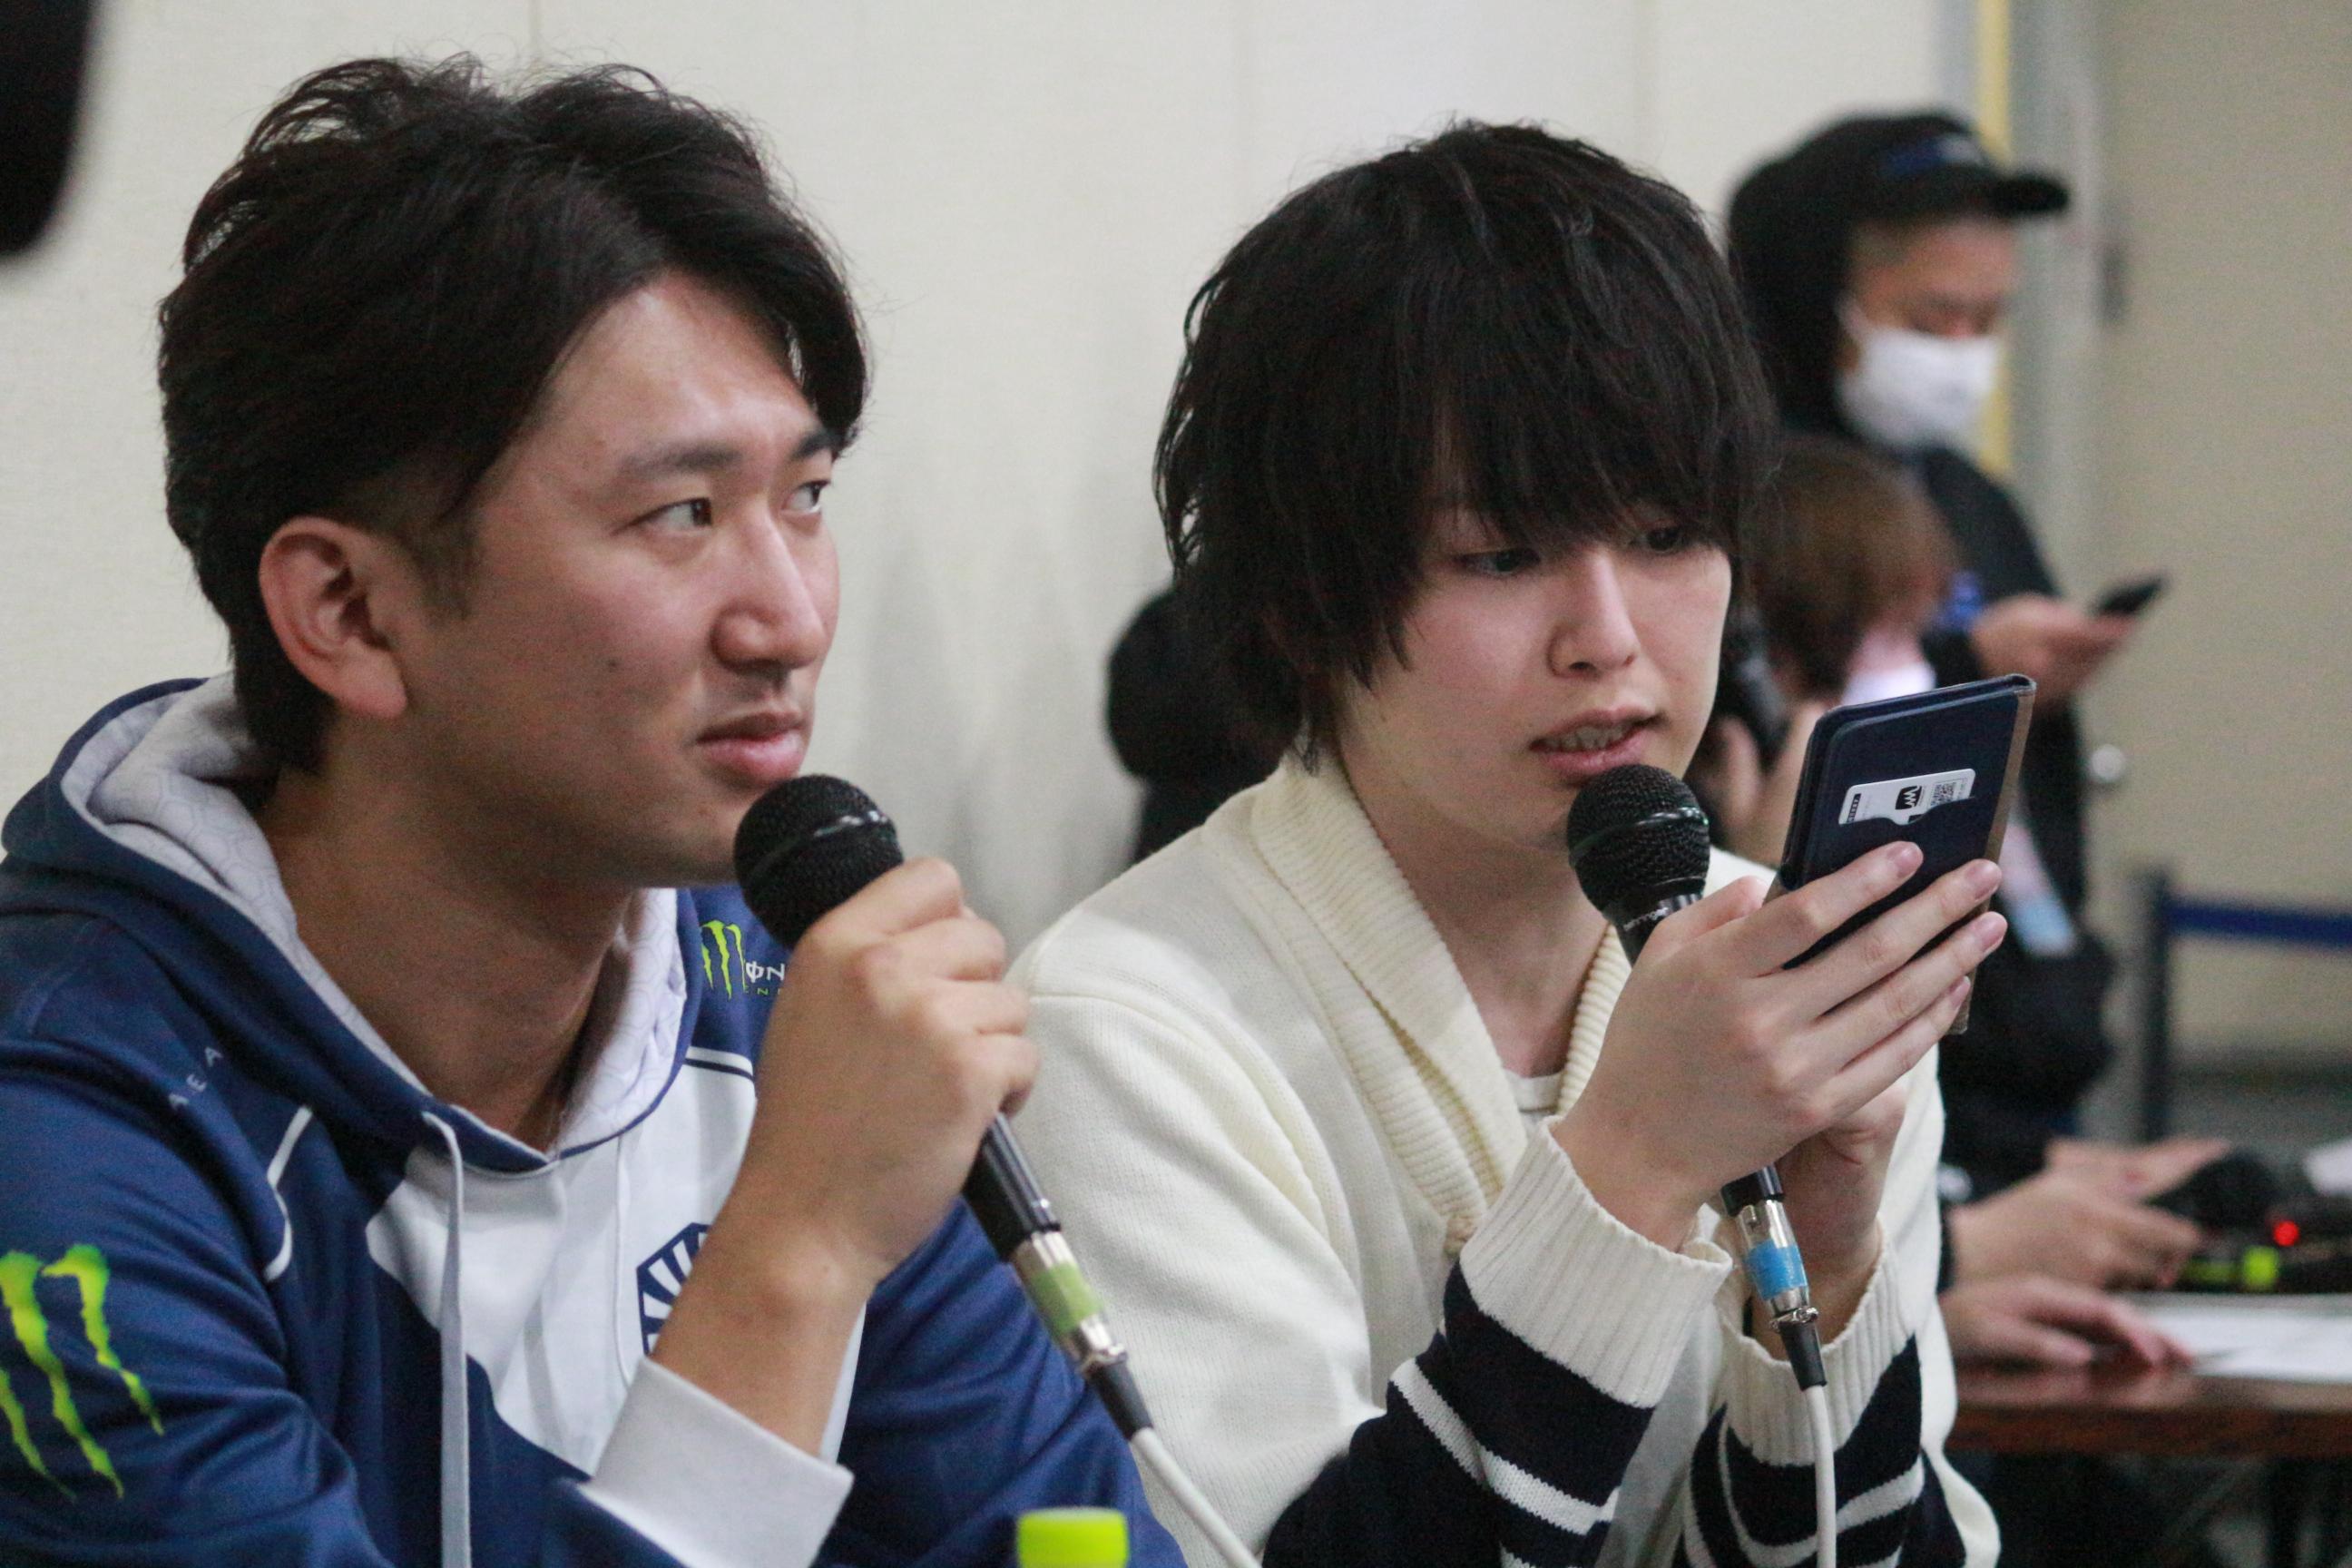 ストVの実況解説 ネモ選手(左) なない氏(右)